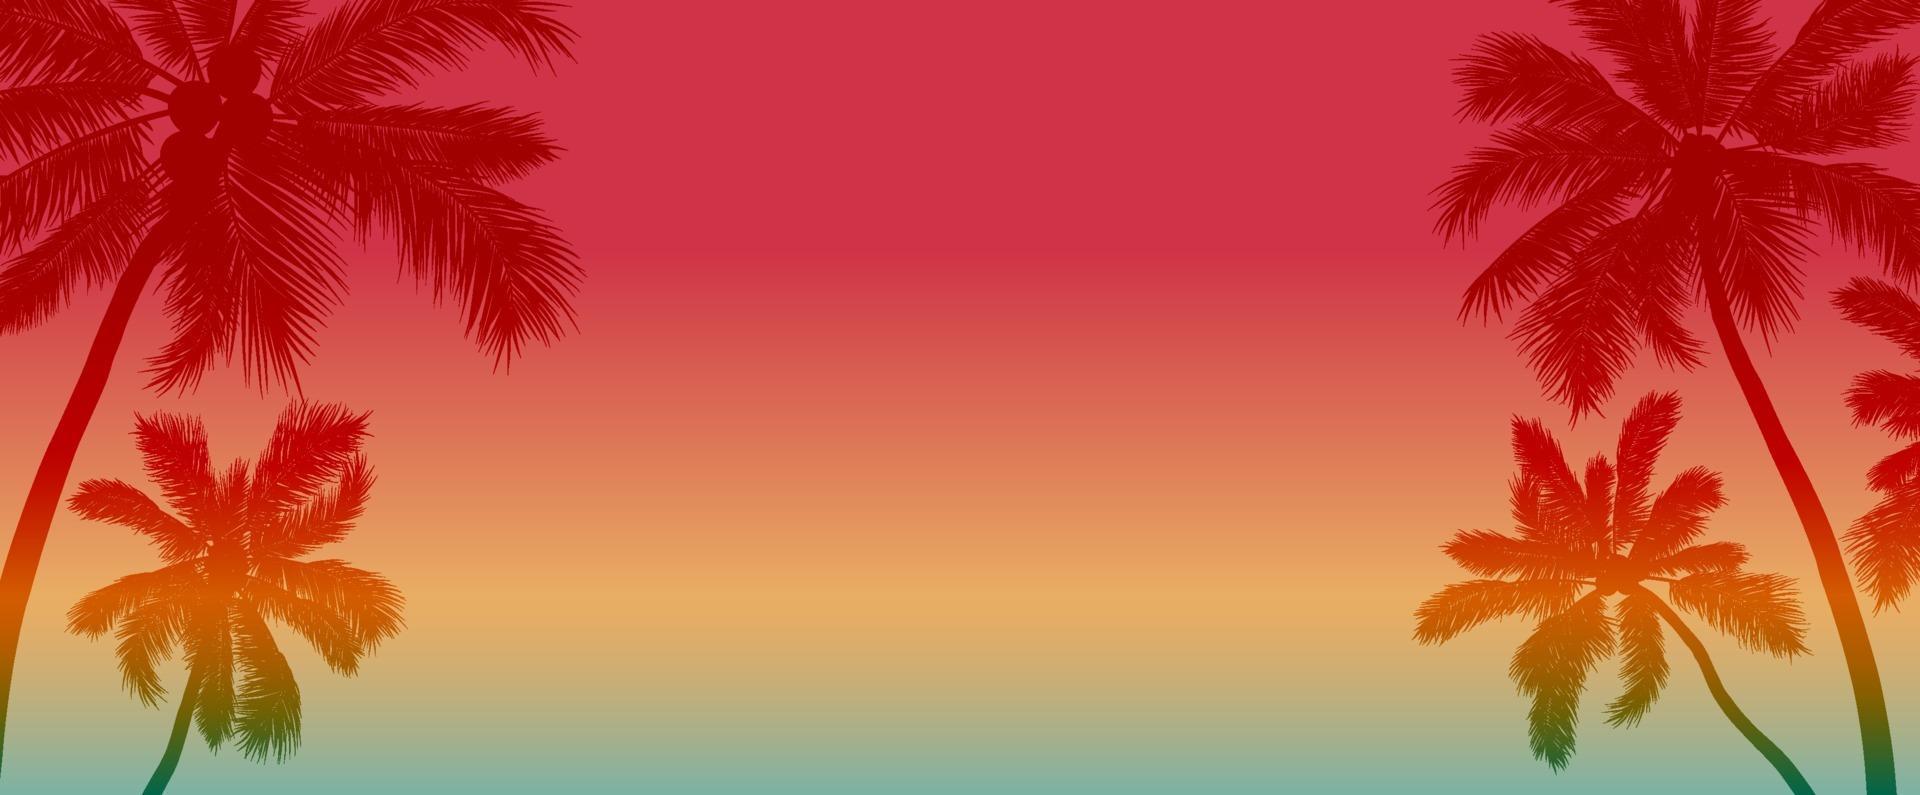 Diseño de fondo de verano de cocotero con ilustración de vector de espacio de copia